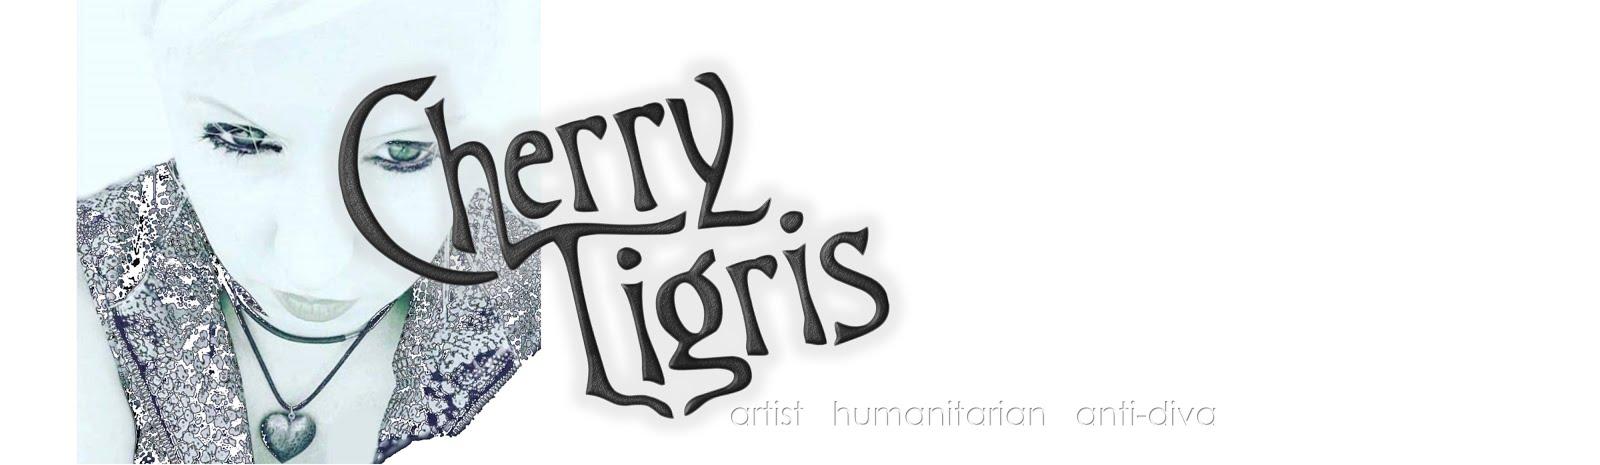 Cherry Tigris